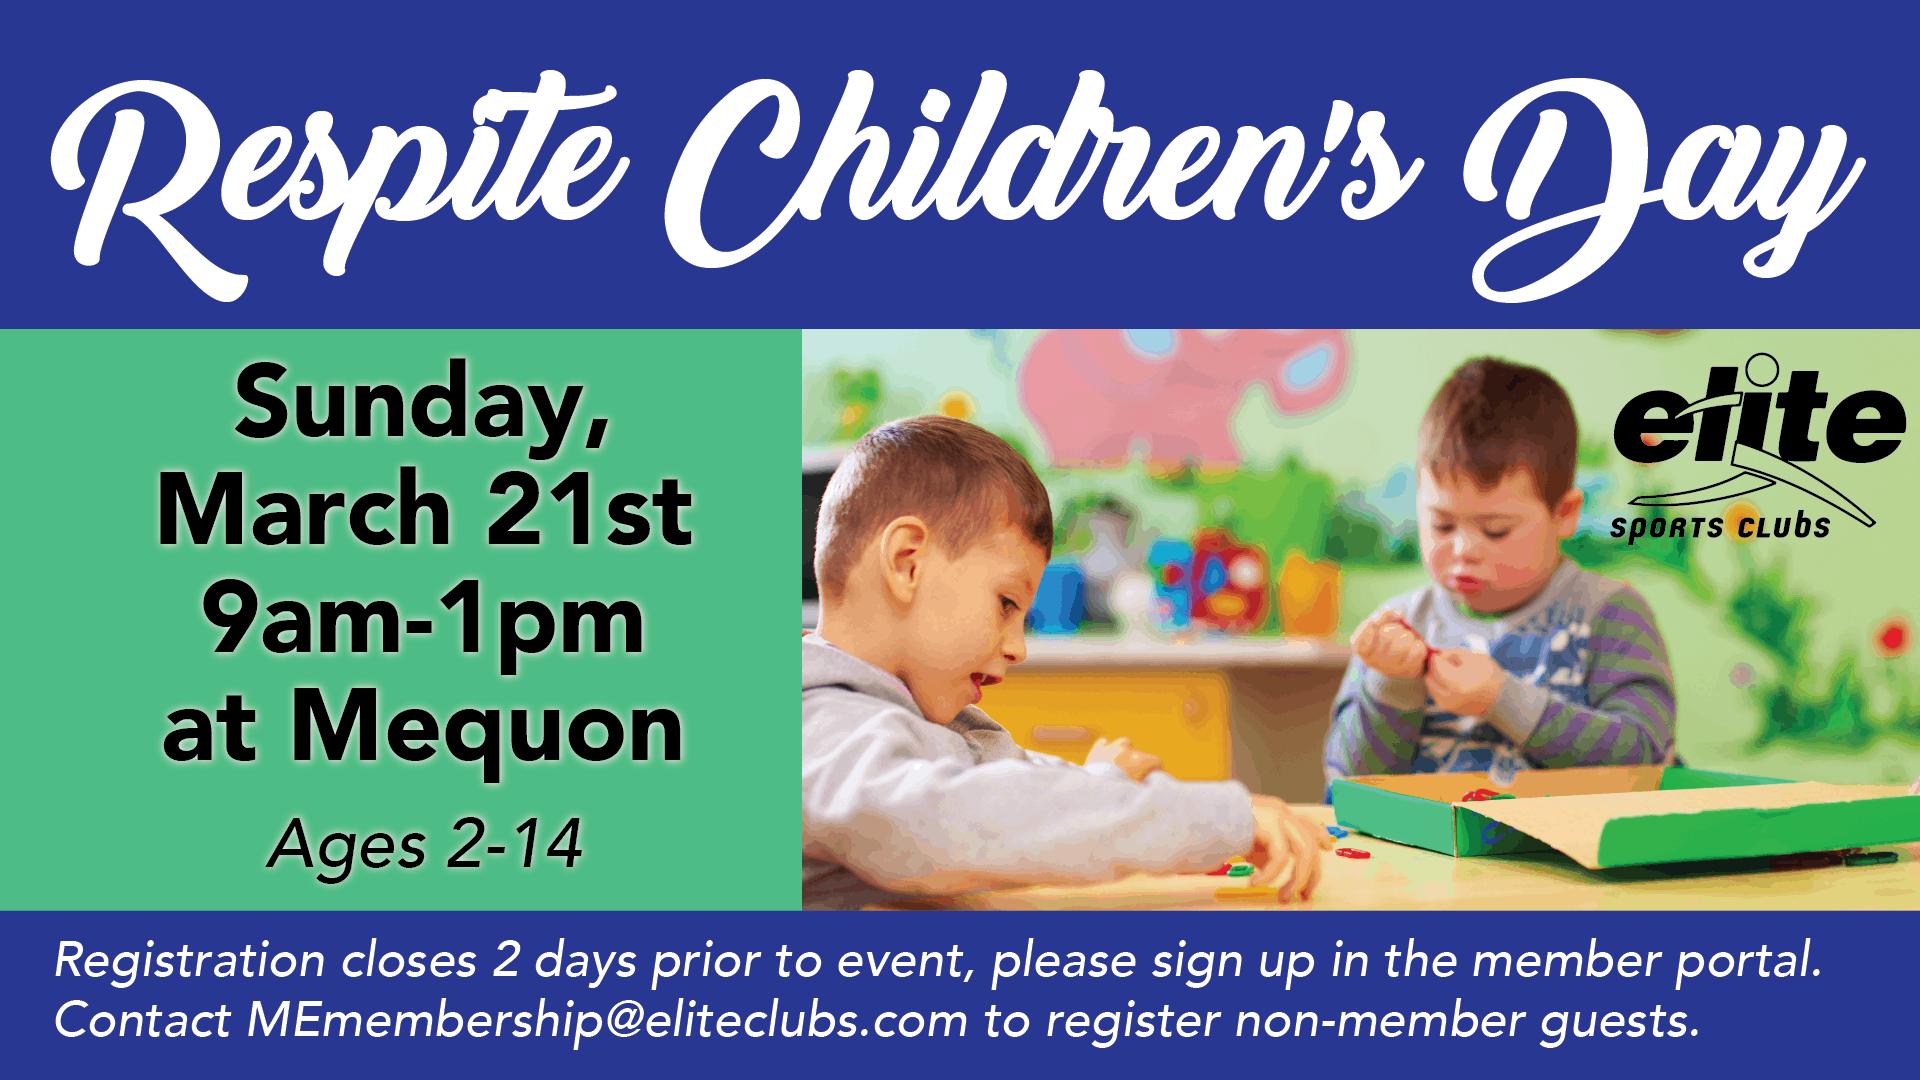 Respite Childrens Day - Elite Mequon - March 2021